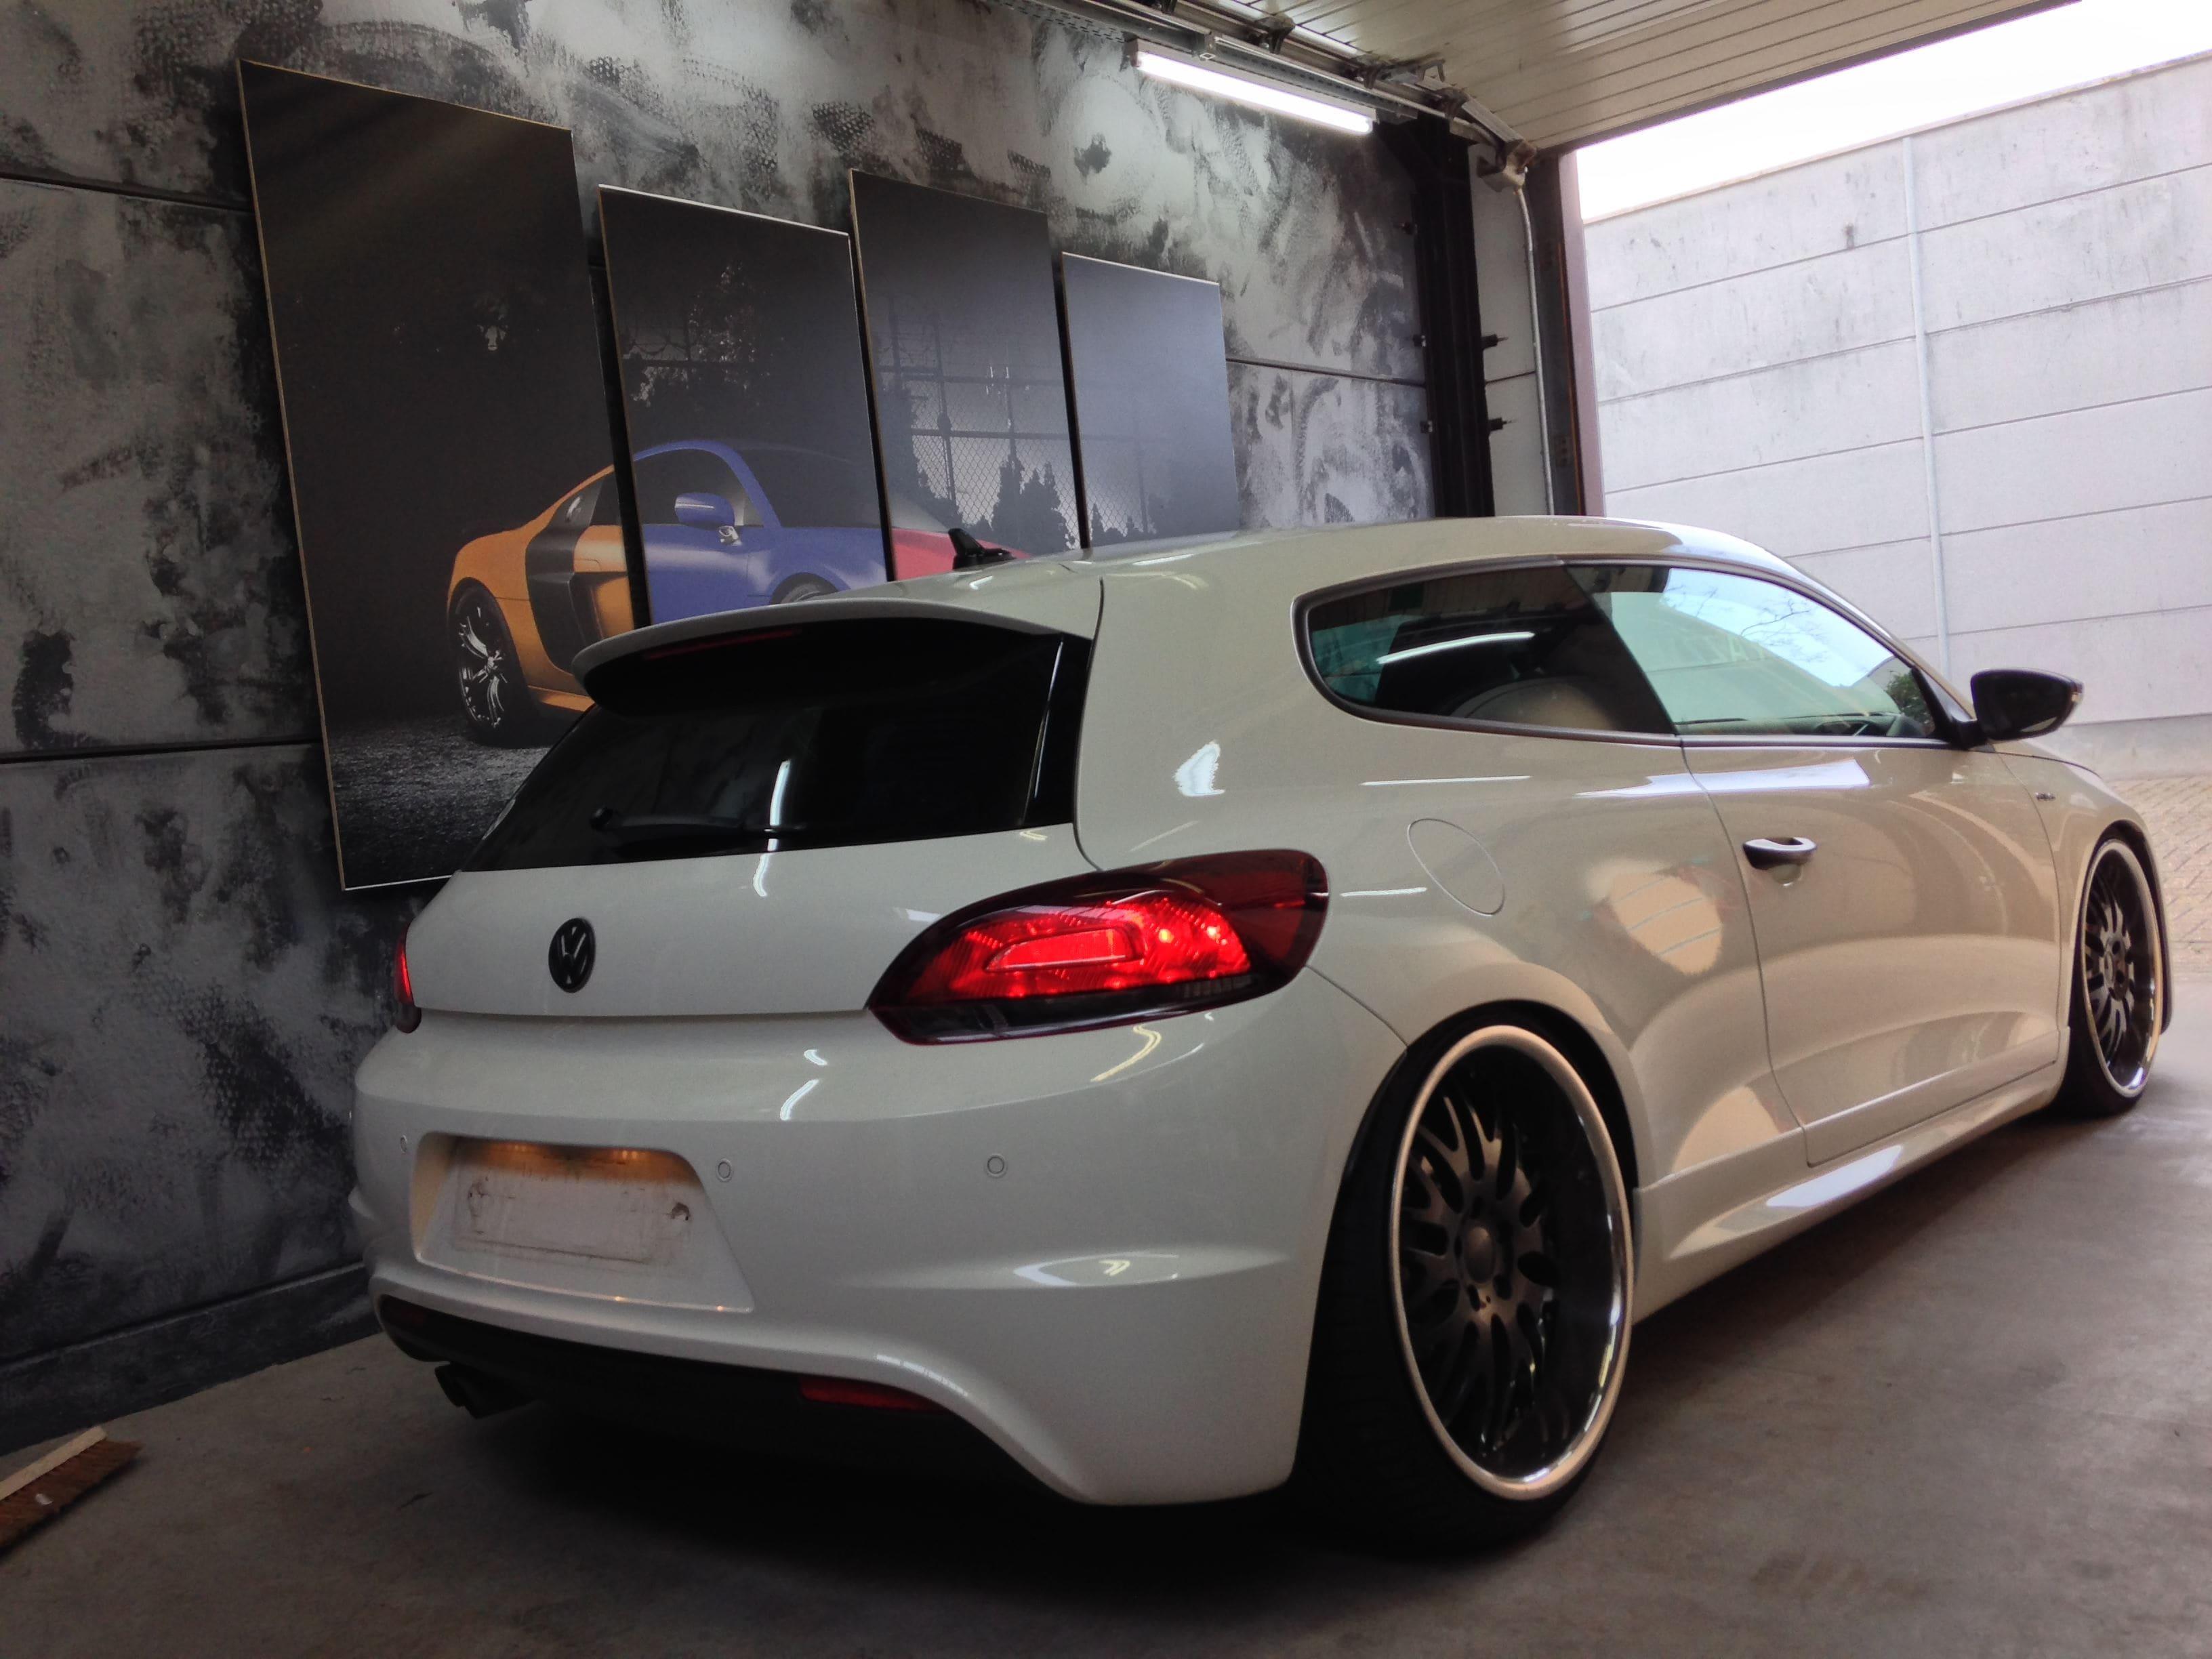 Volkswagen Scirocco met Mat Metallic Roze Warp, Carwrapping door Wrapmyride.nu Foto-nr:6972, ©2021